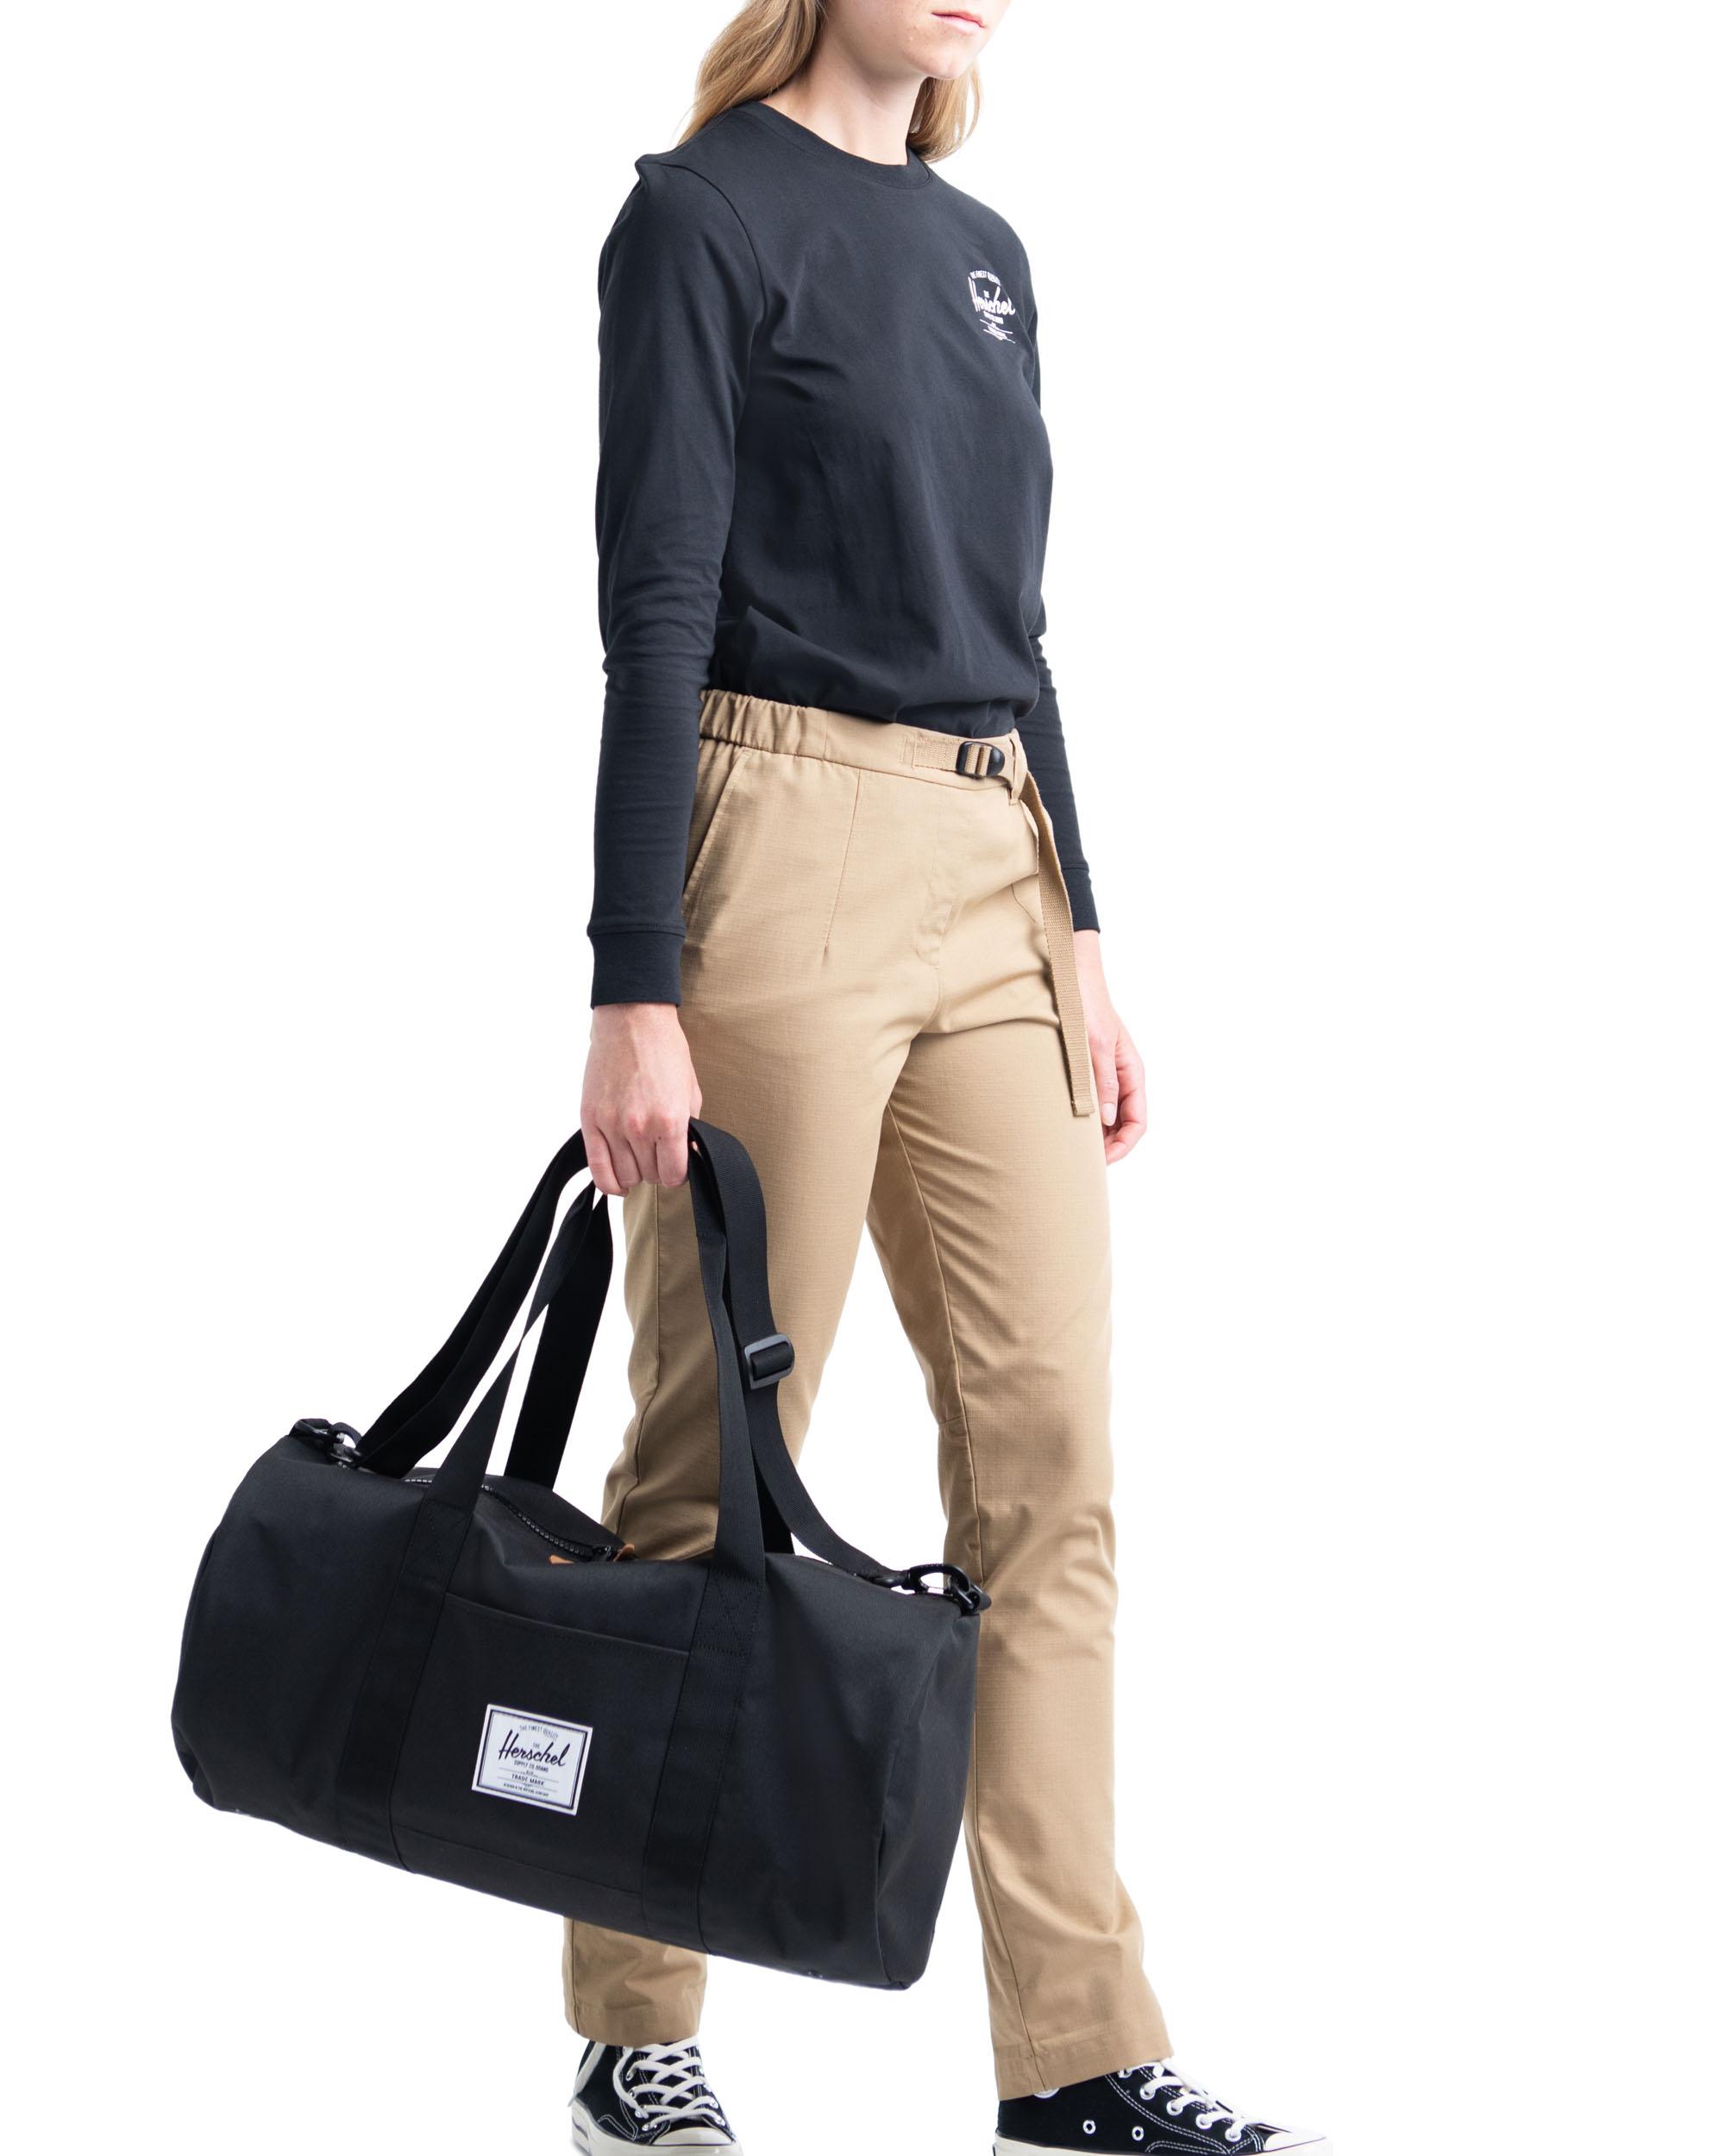 Herschel Supply Co Sutton Mid-Volume Duffle Bag Holdall Black